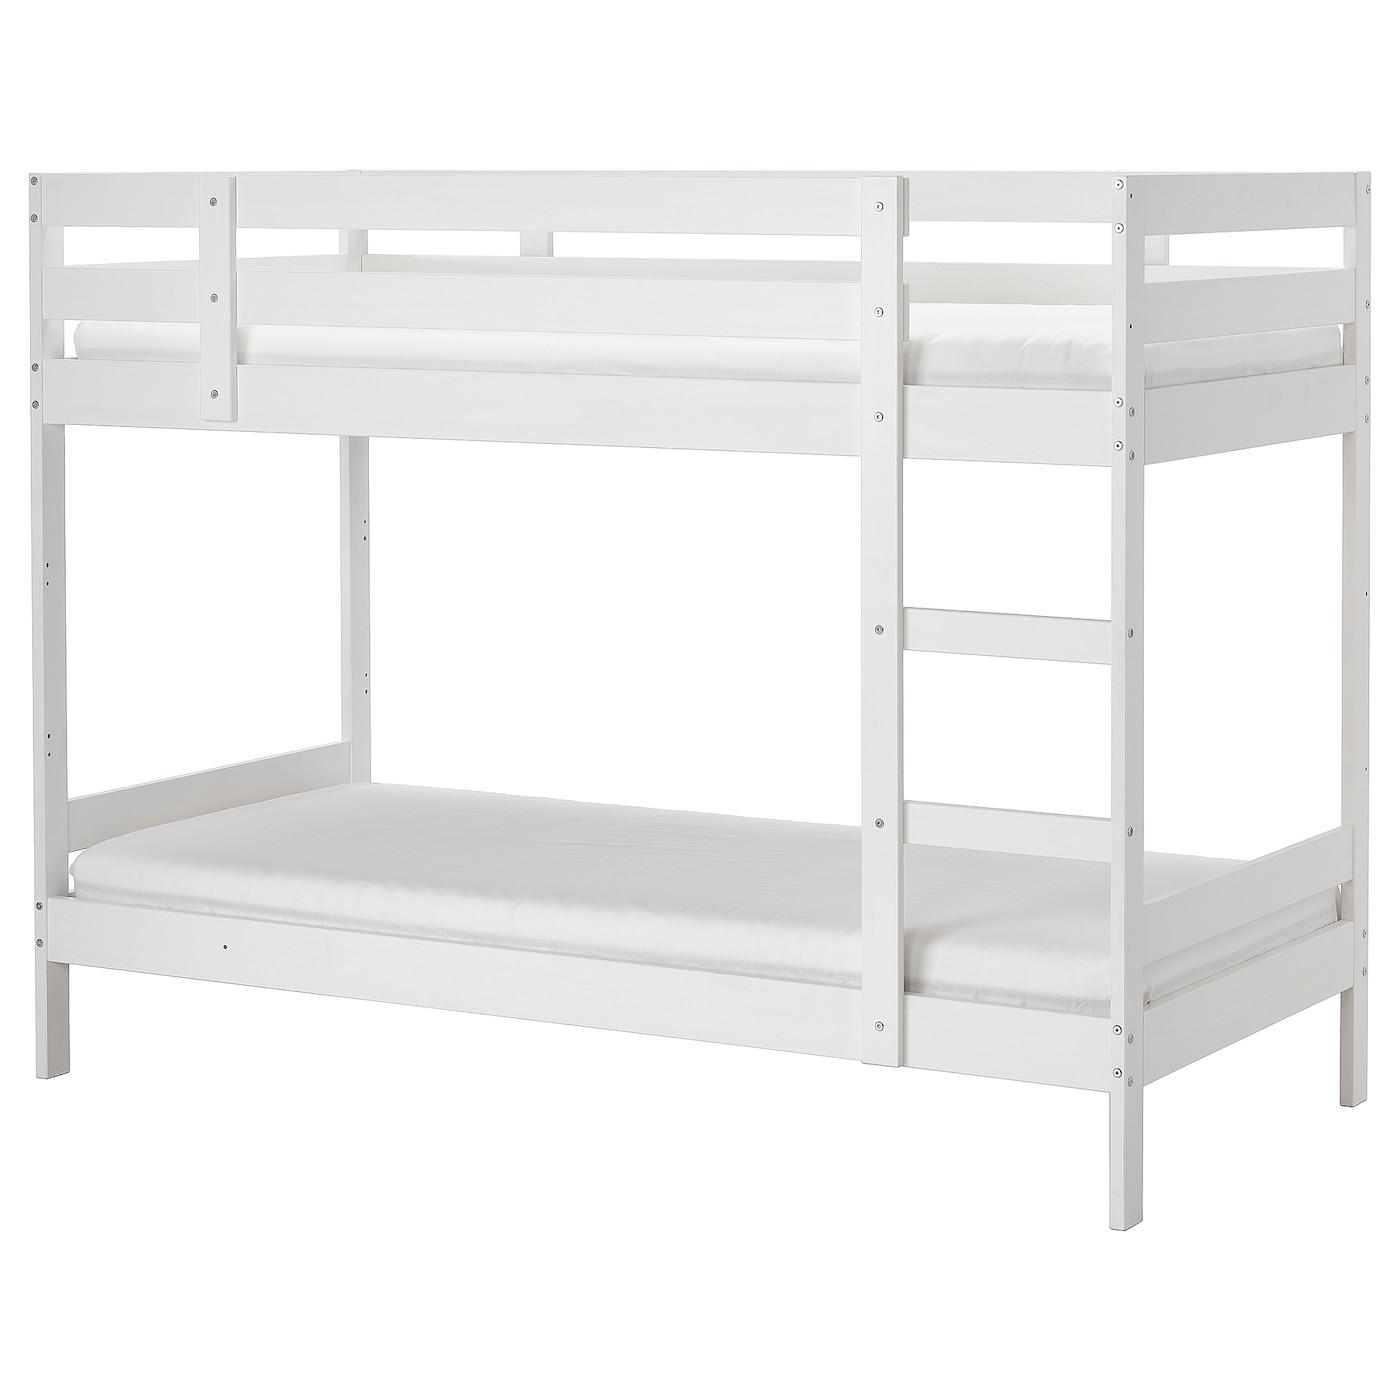 MYDAL Struttura per letto a castello - bianco - IKEA